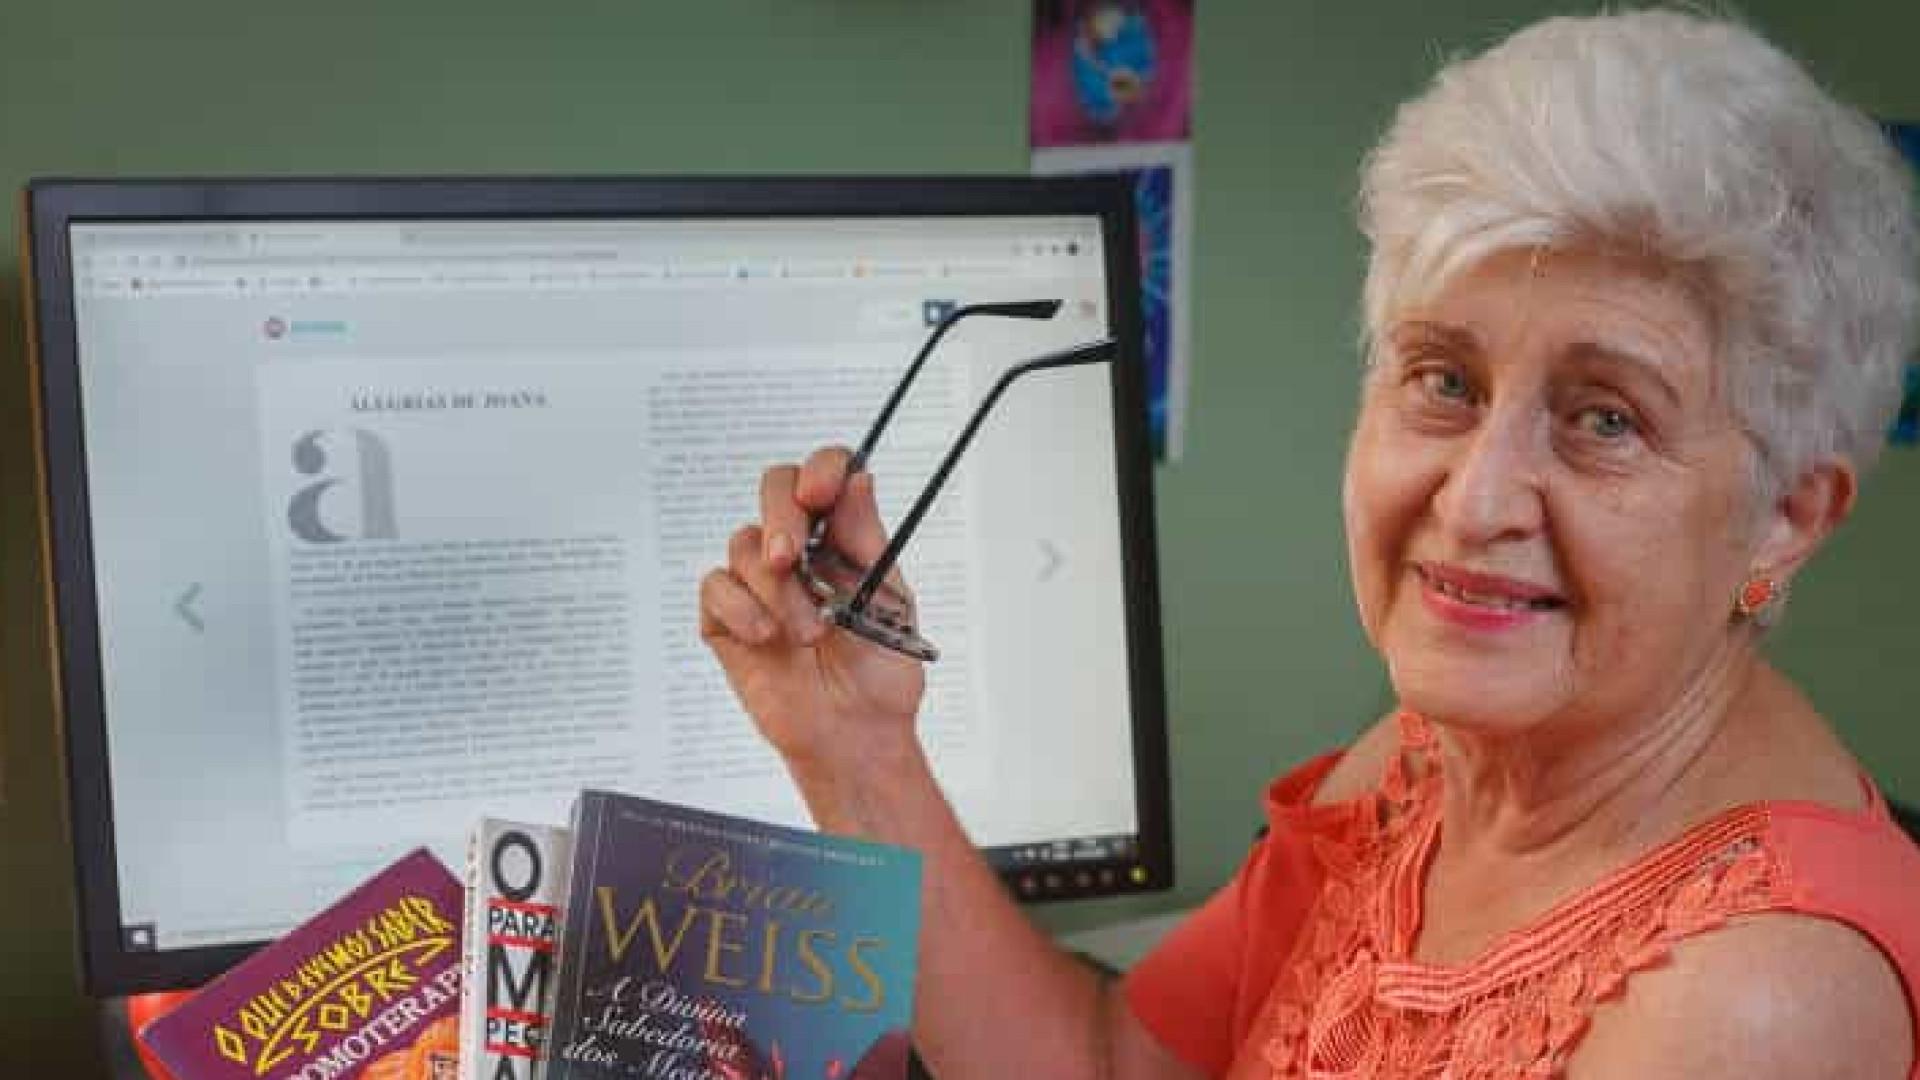 Repaginados, clubes do livro ganham adeptos de todas as idades em formato virtual